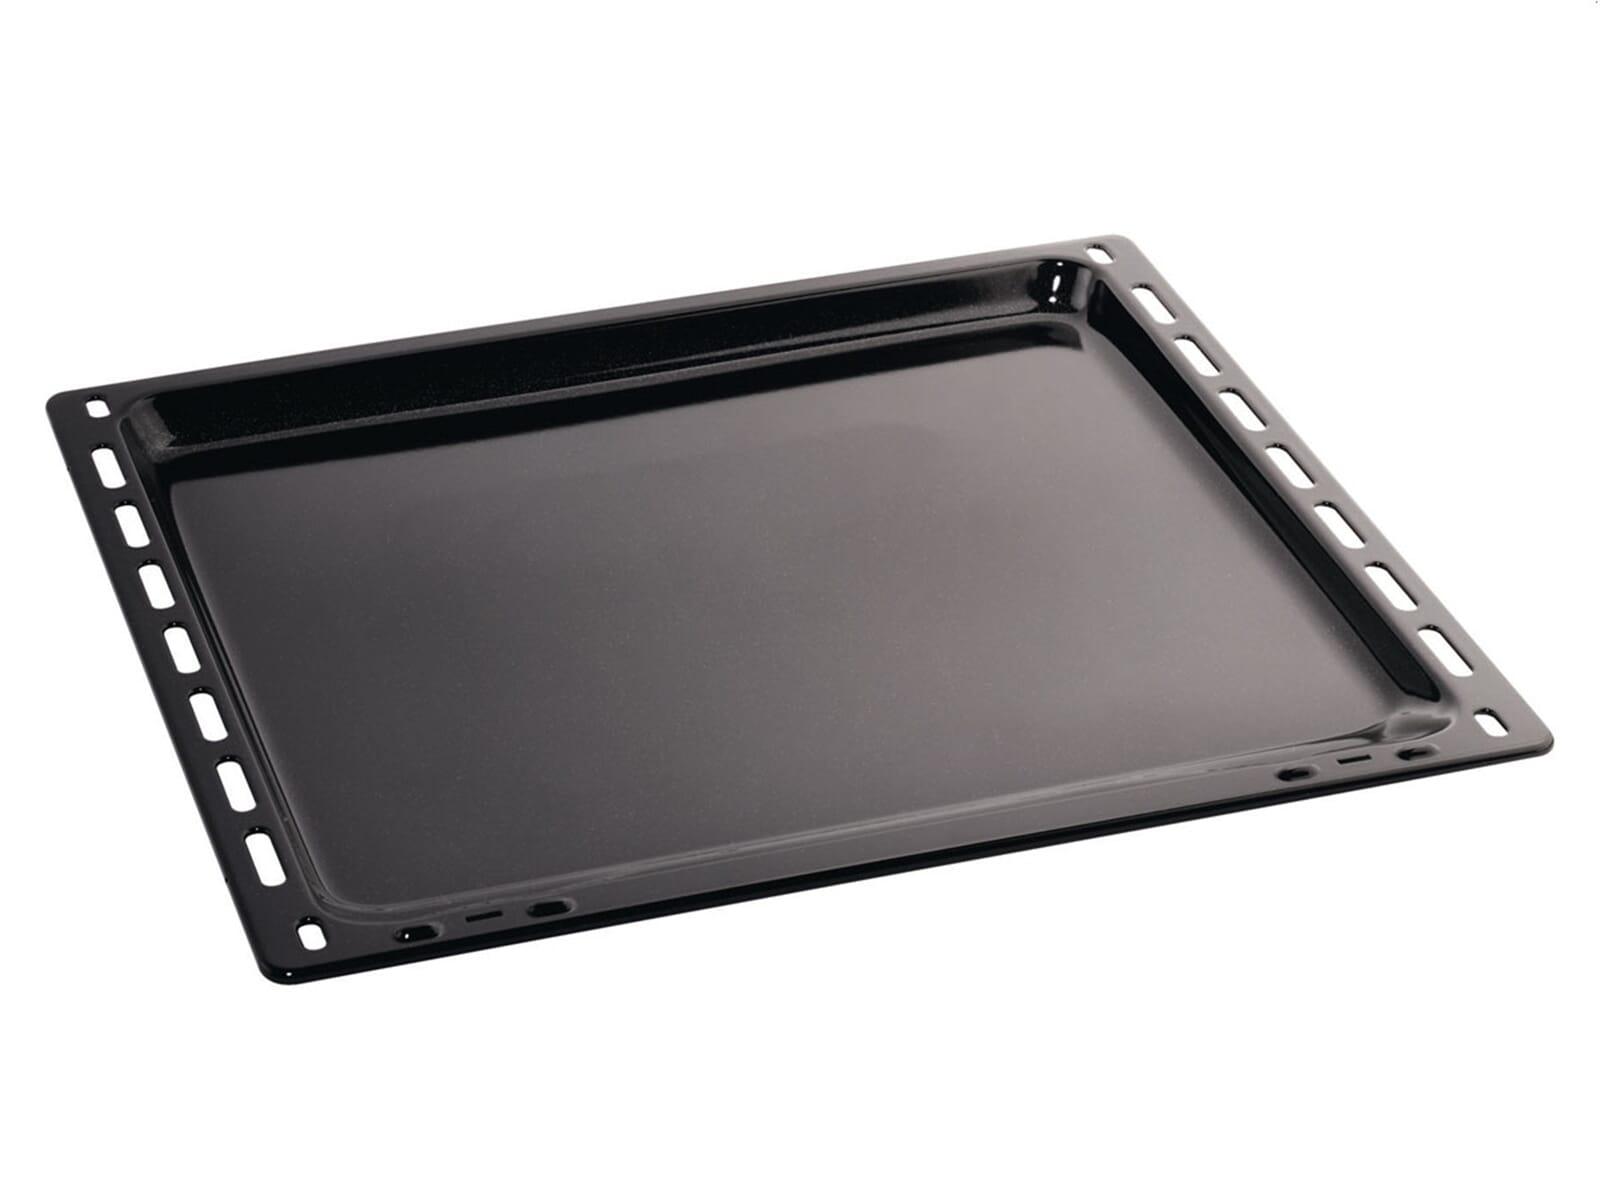 Produktabbildung Zanussi PZ1110 Backblech emailliert